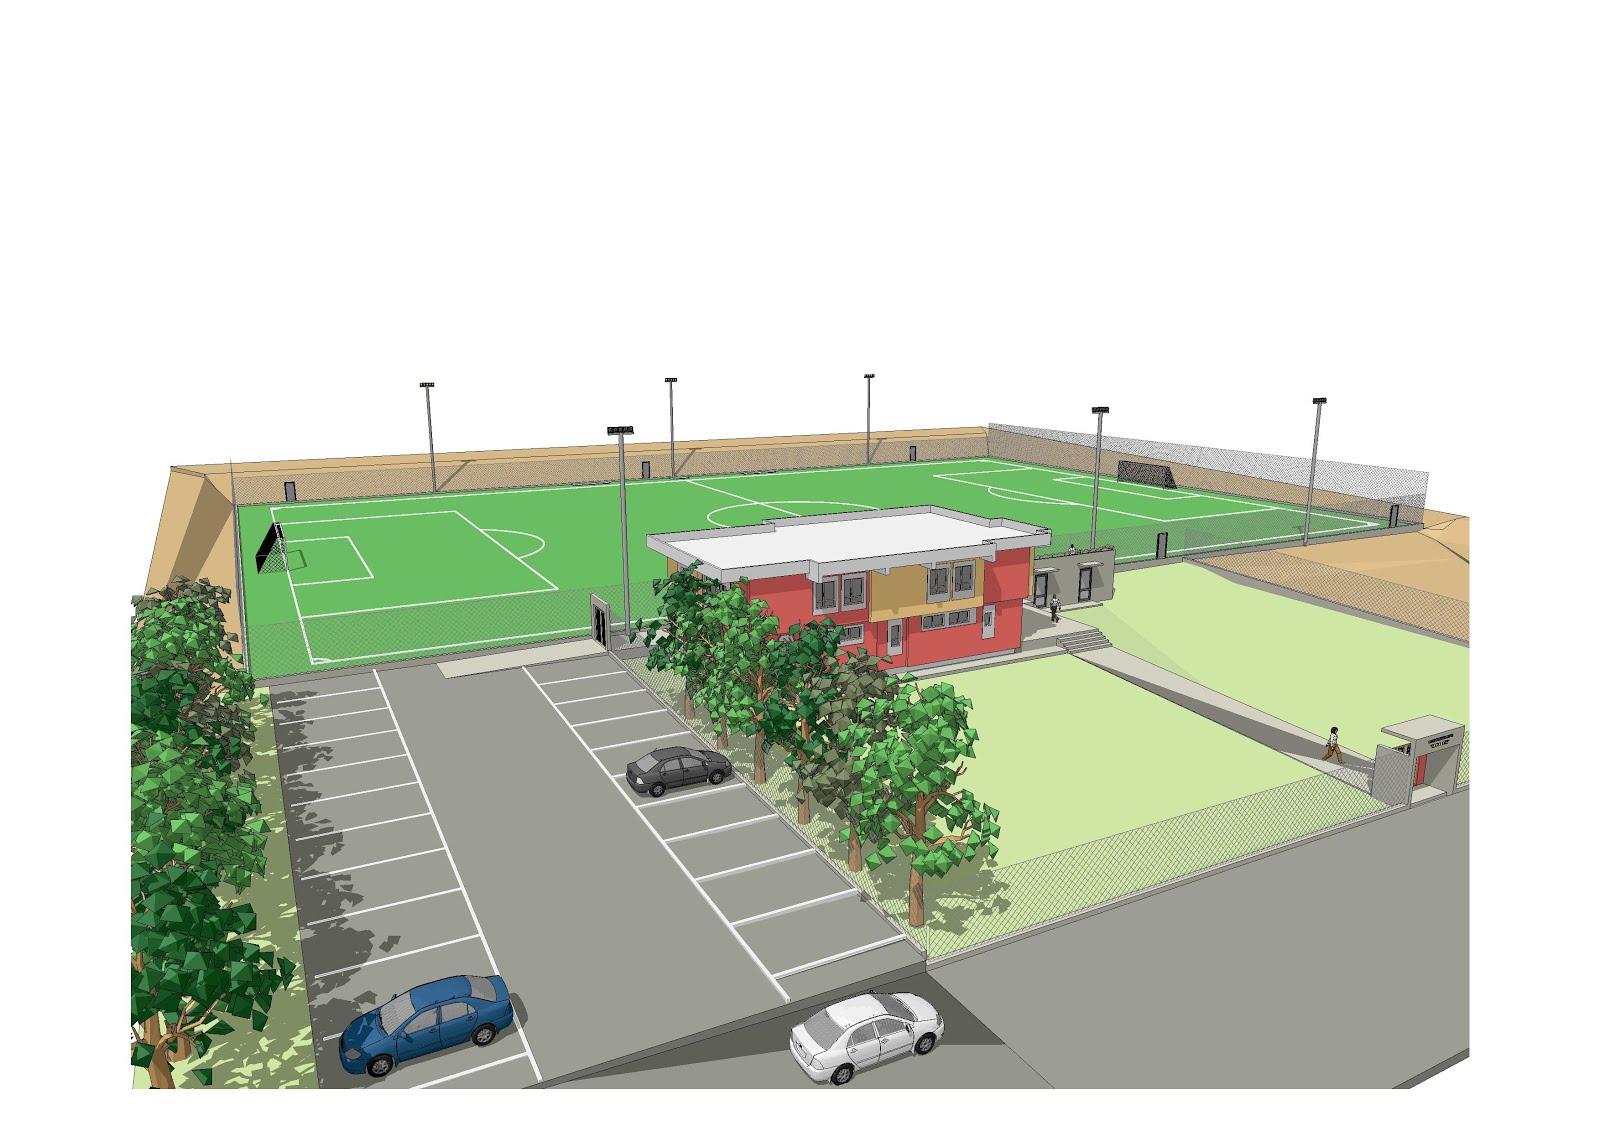 Το νέο μας γήπεδο ποδοσφαίρου